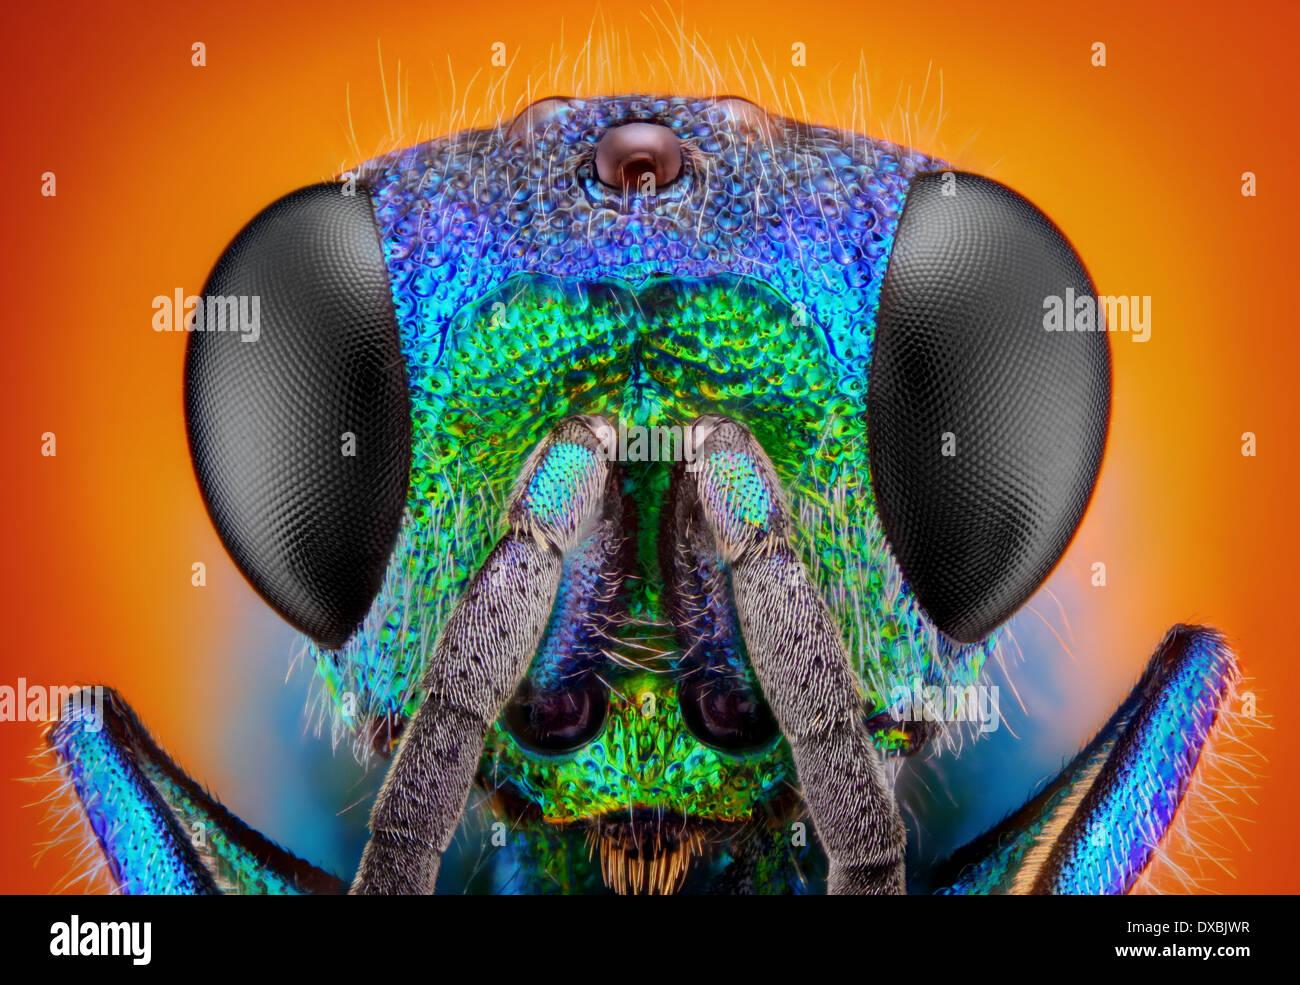 Extremadamente nítido y detallado estudio de una avispa Cuco (Holopyga Generosa) - 6 mm en el tamaño del cuerpo Foto de stock